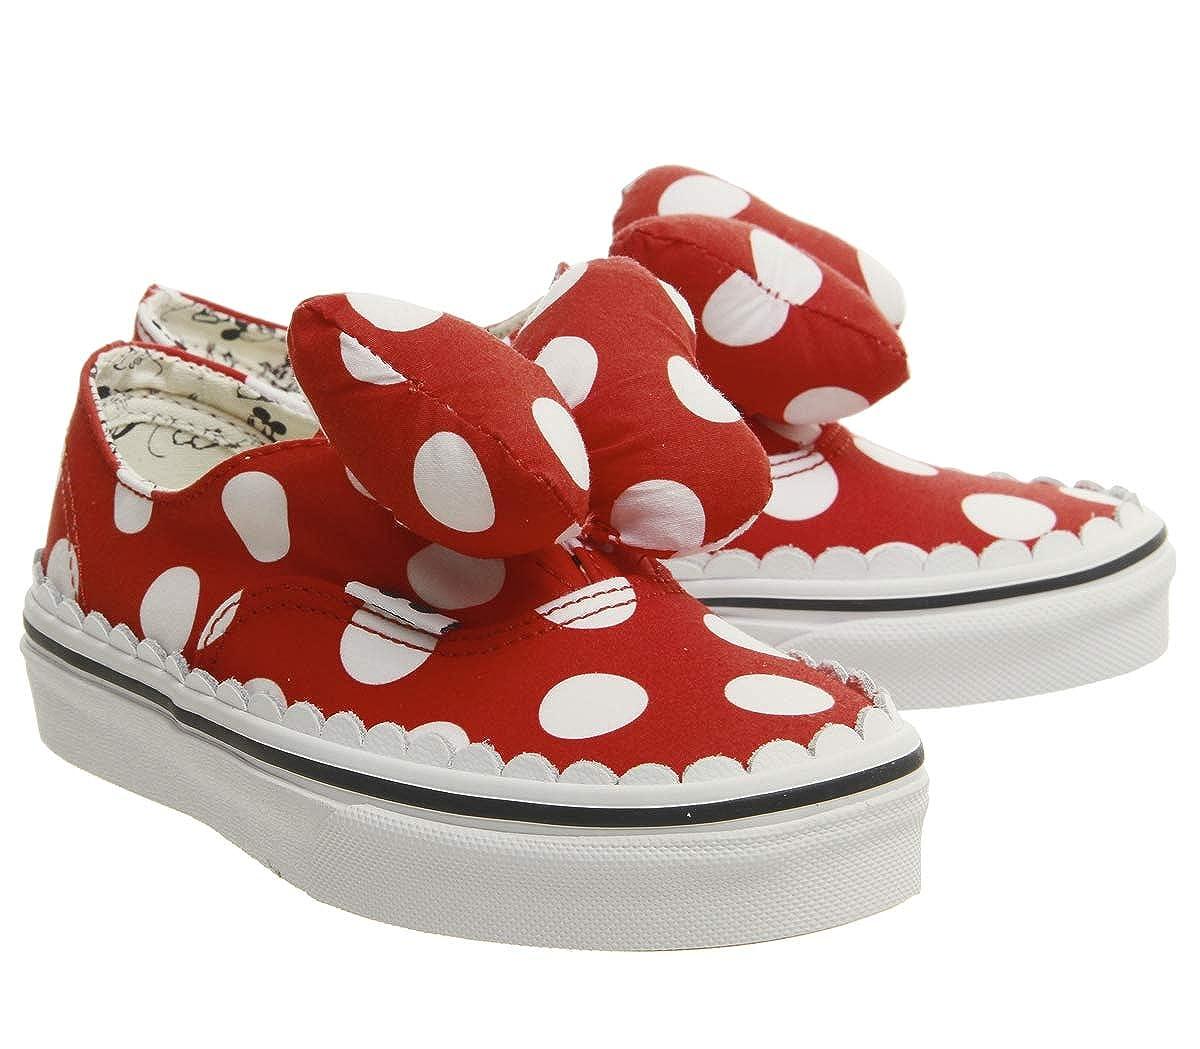 86d83341751b Amazon.com  Vans Authentic Gore Disney Minnie s Bow Skate Shoes Size 12.5  Little Kid  Shoes